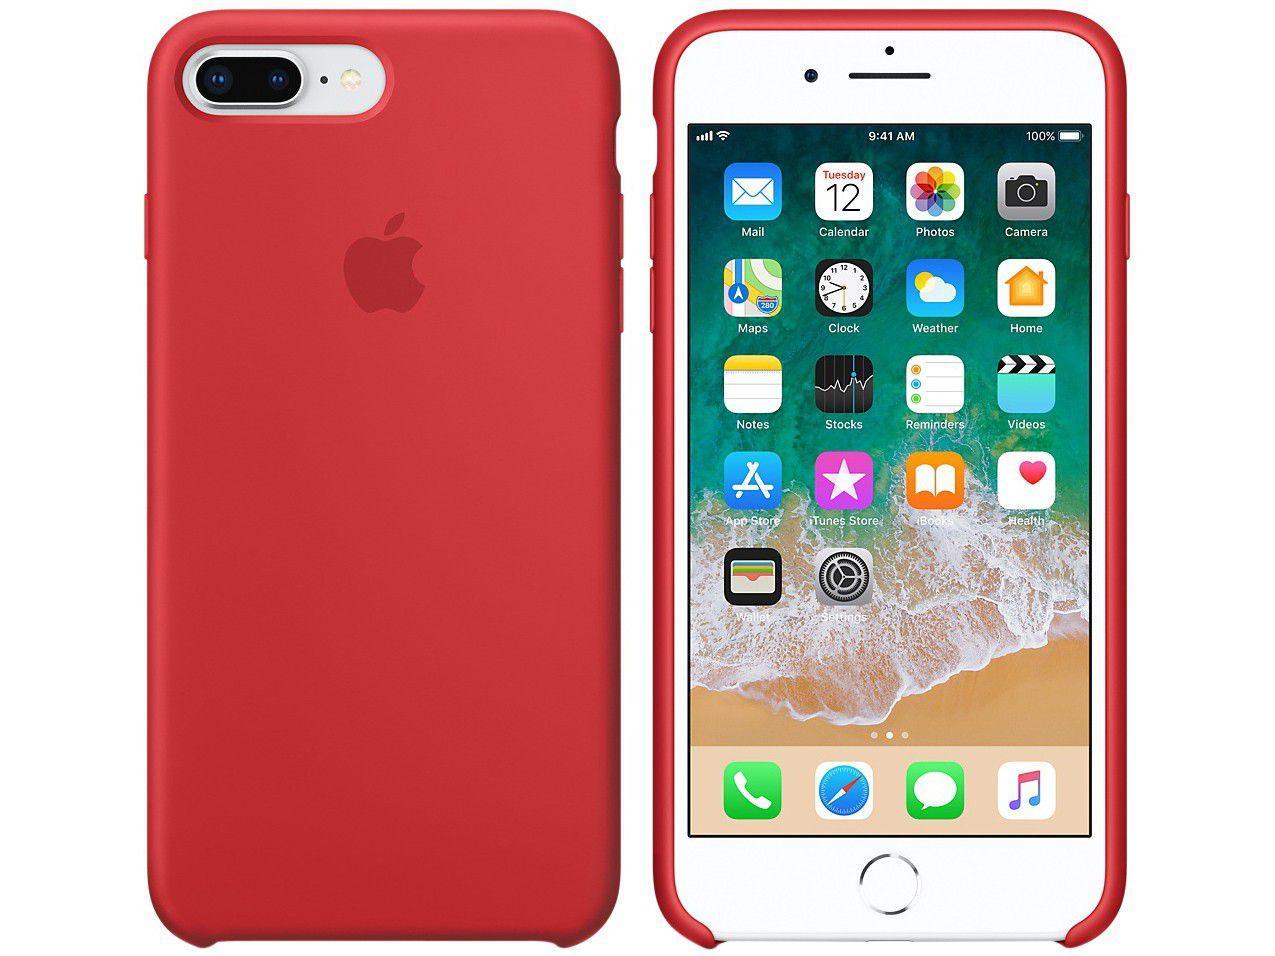 228b3a2779be12 Vídeo Imagem de Capa Protetora Silicone para iPhone 7 Plus e Imagem de Capa  Protetora Silicone ...